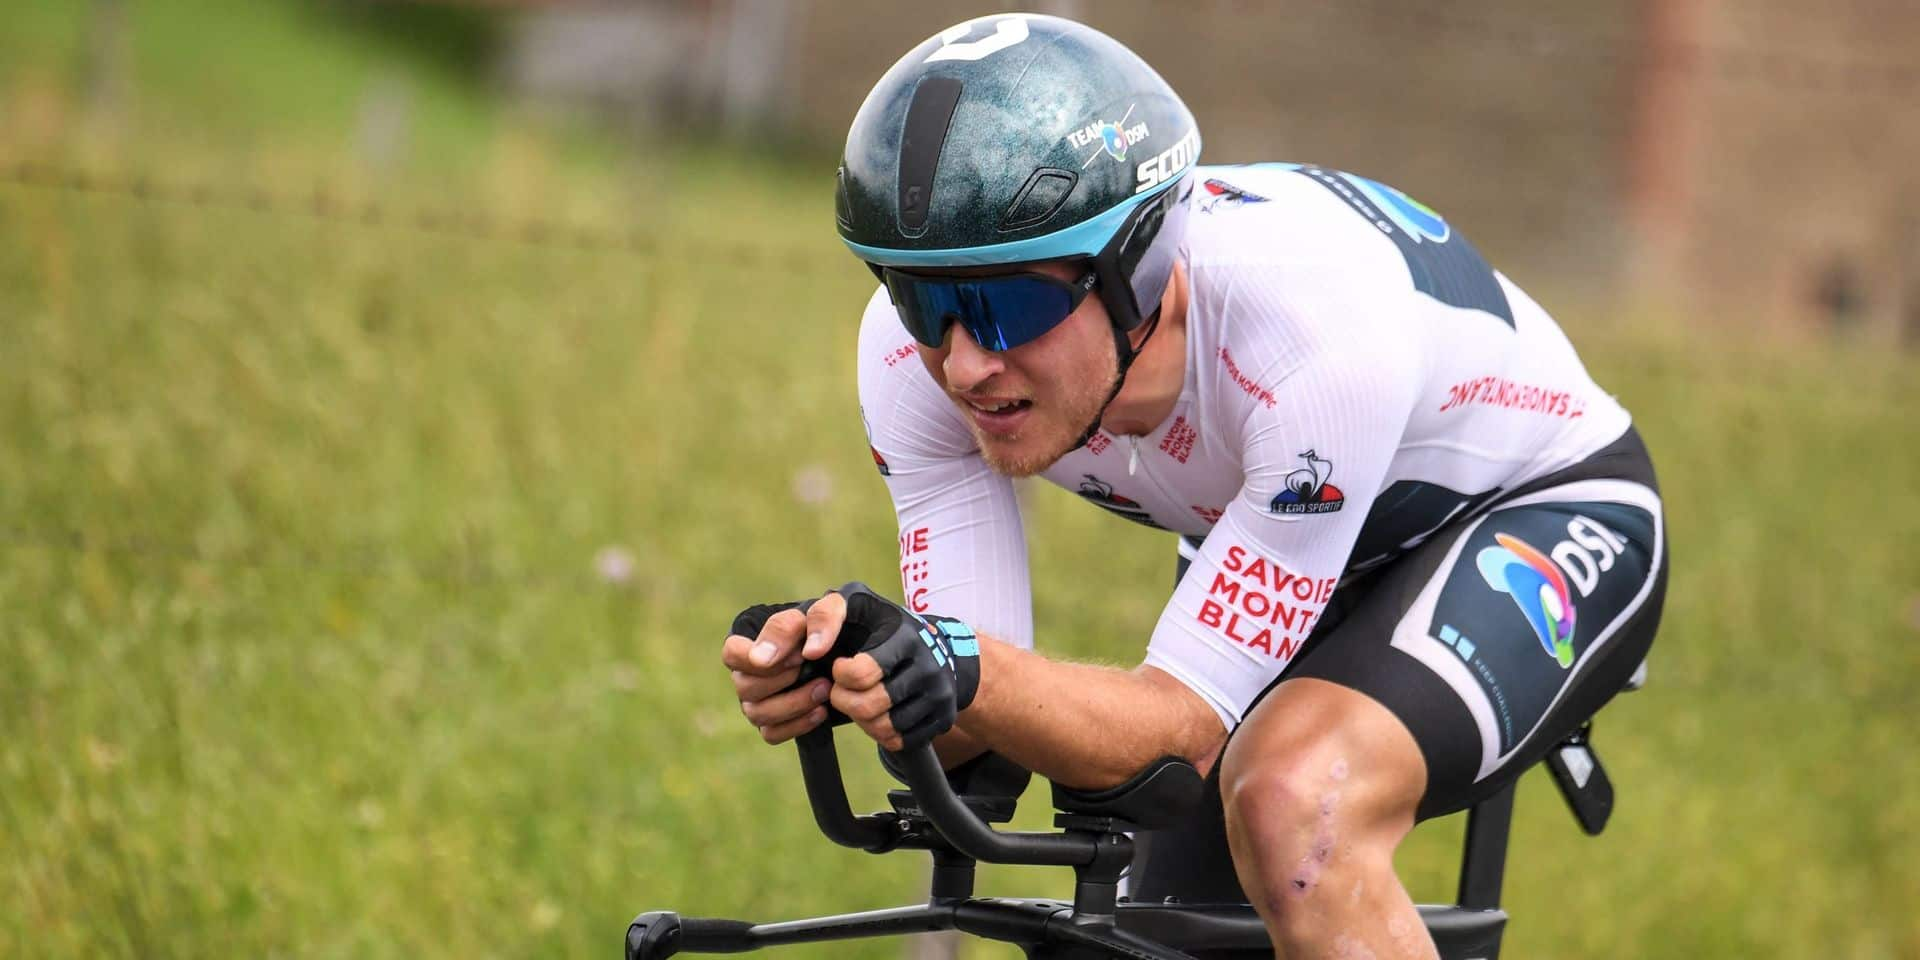 """Ilan Van Wilder, la bonne surprise belge lors du chrono du Dauphiné: """"J'avais un bon pressentiment"""""""